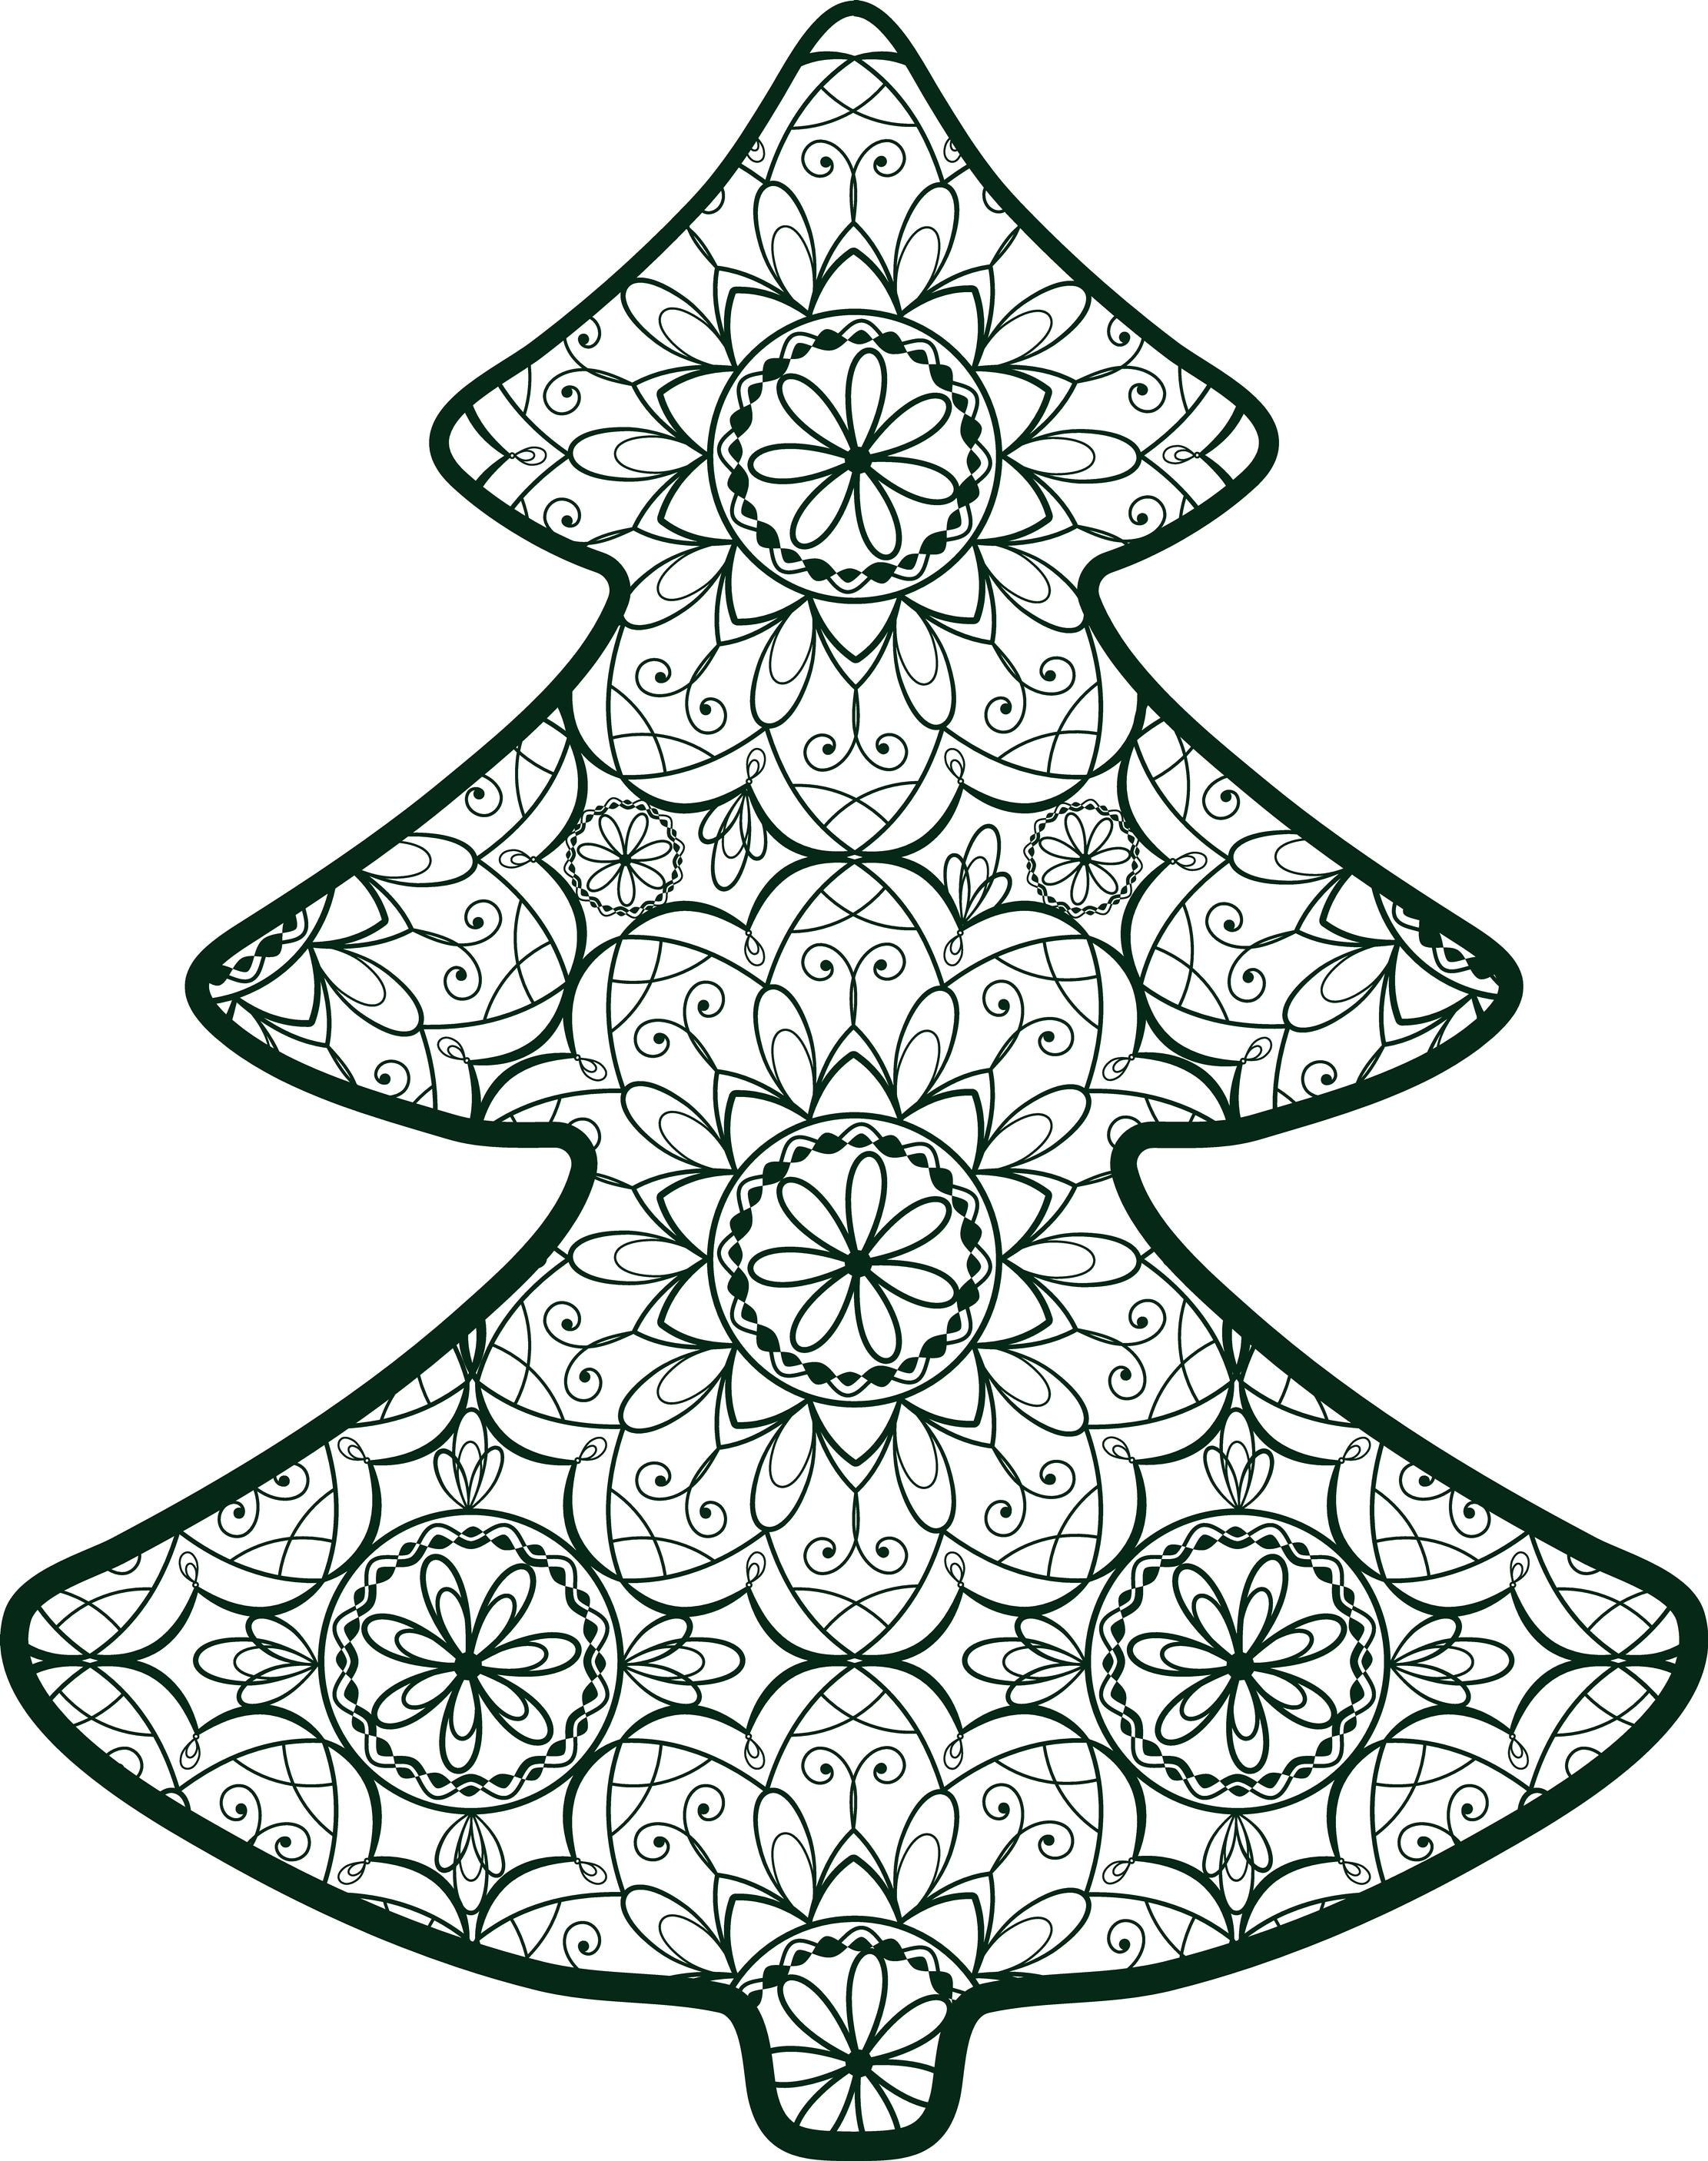 Disegni Di Natale Da Colorare Per Adulti.Mandala Di Natale Per Bambini E Adulti Nostrofiglio It